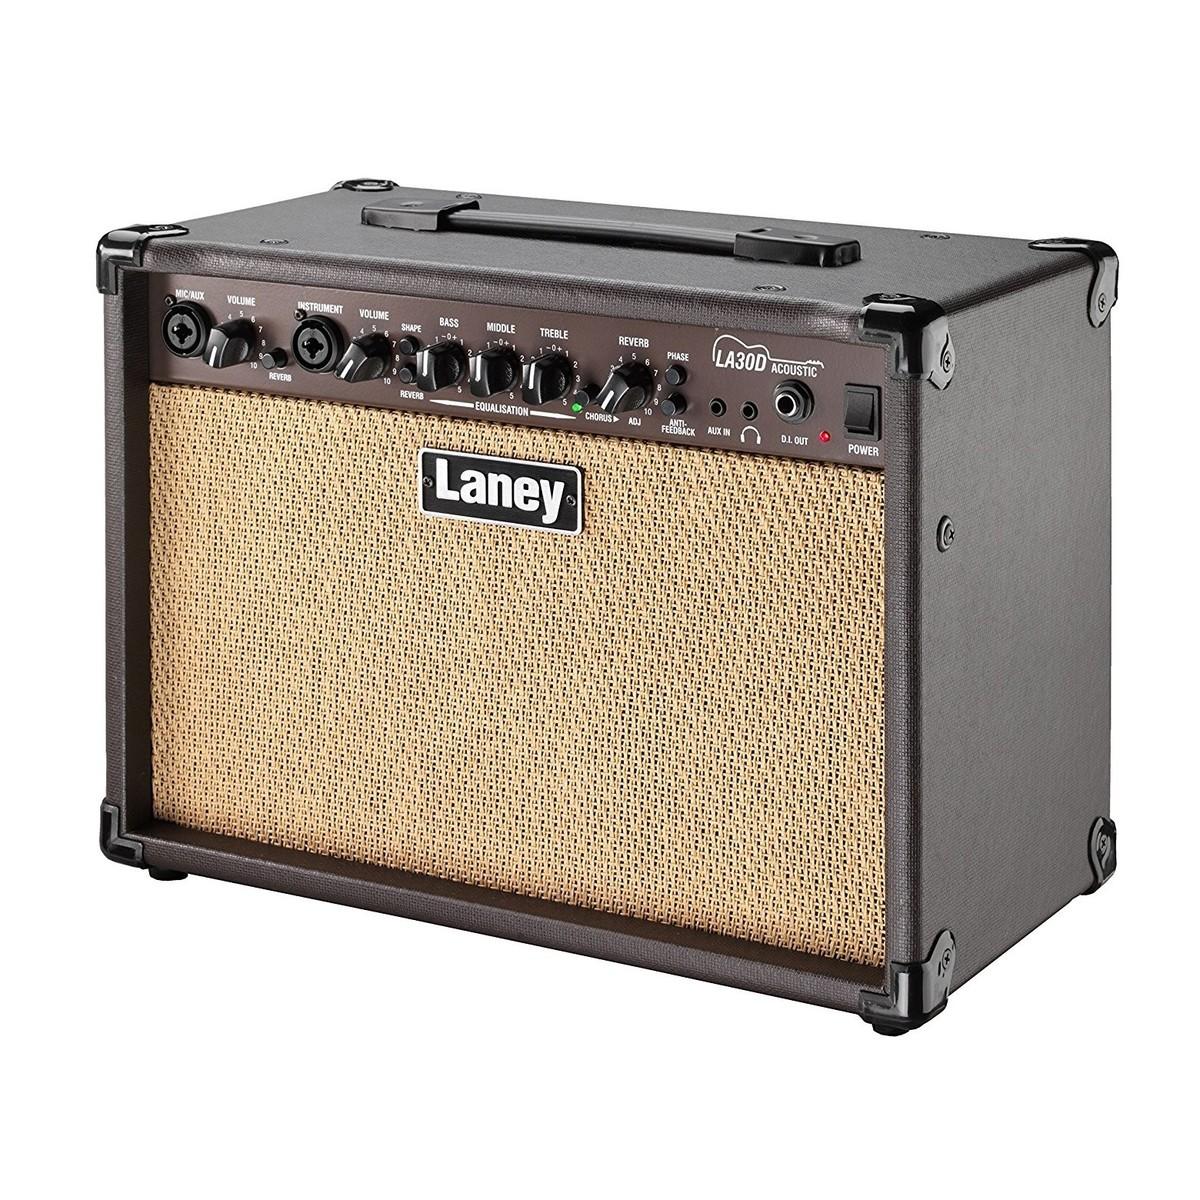 Laney LA30D LA 30W 2x6.5 Acoustic Combo | Gear4music